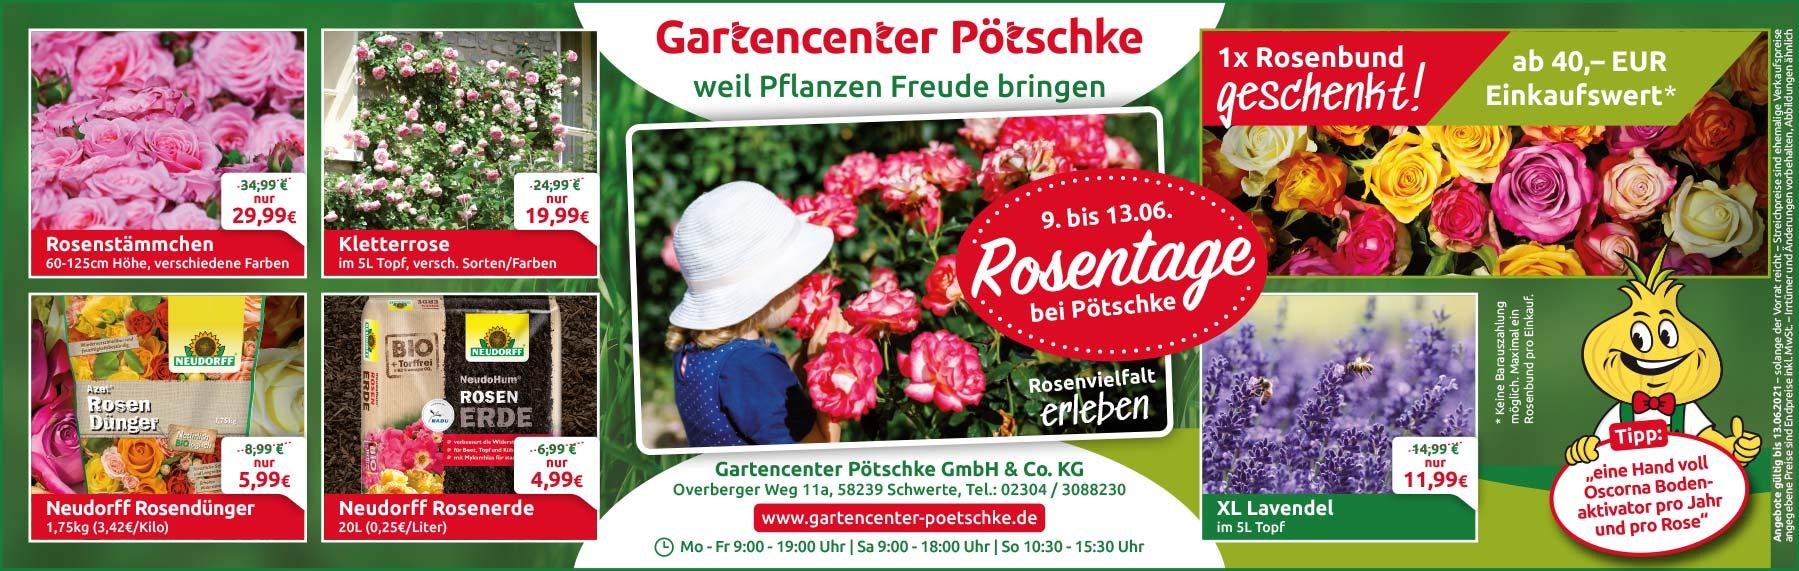 Rosentage im Gartencenter Pötschke